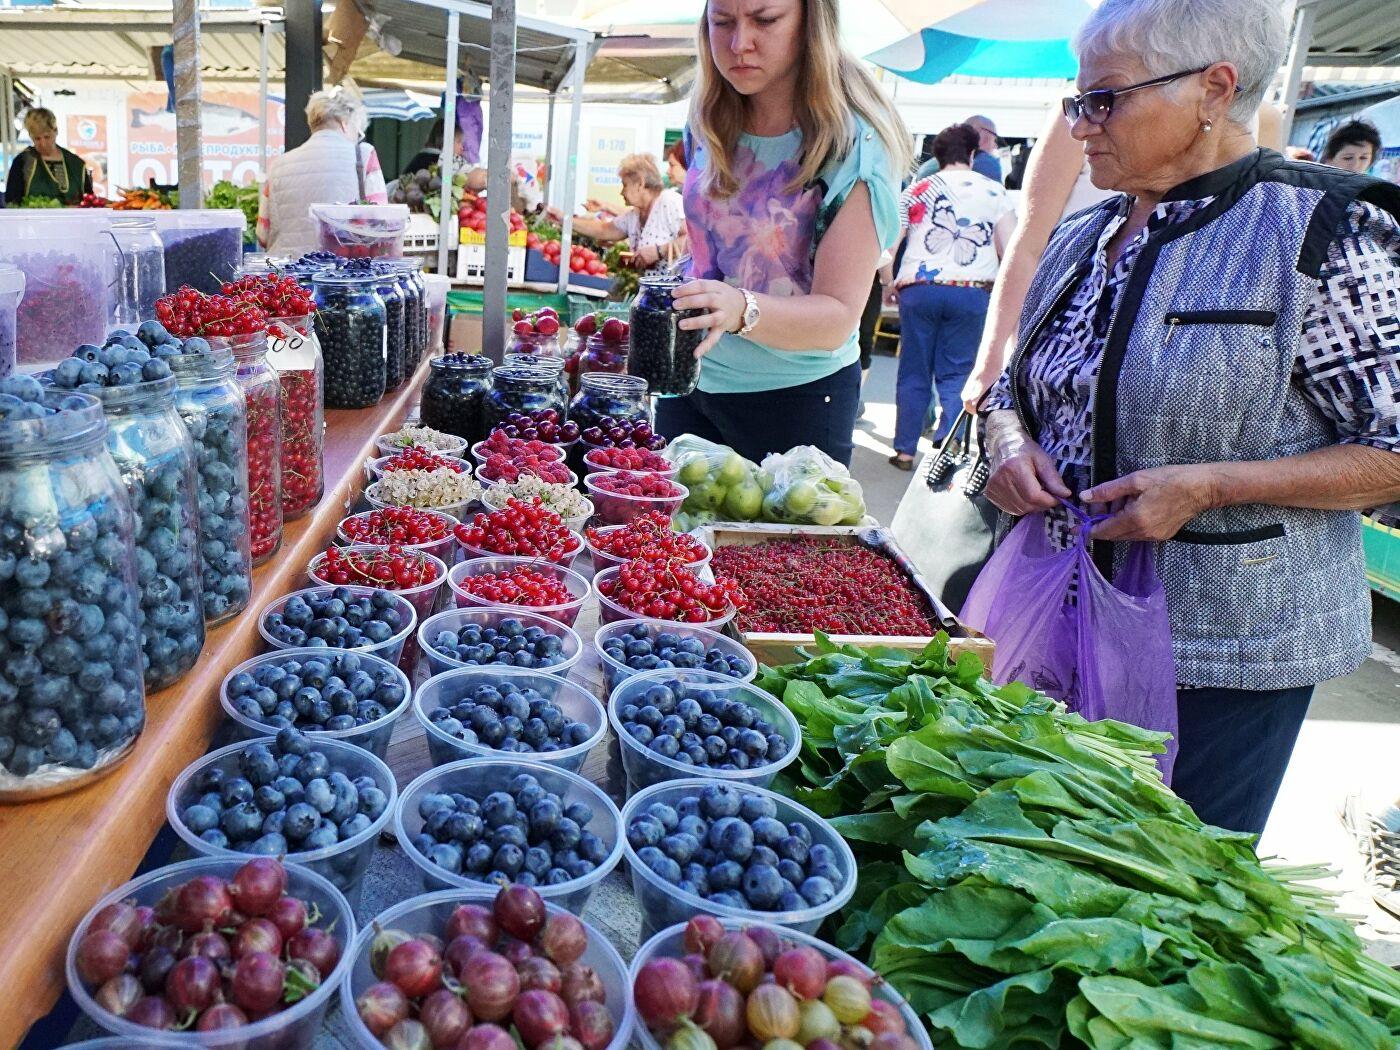 Эндокринолог назвала снижающую риск диабета ягоду